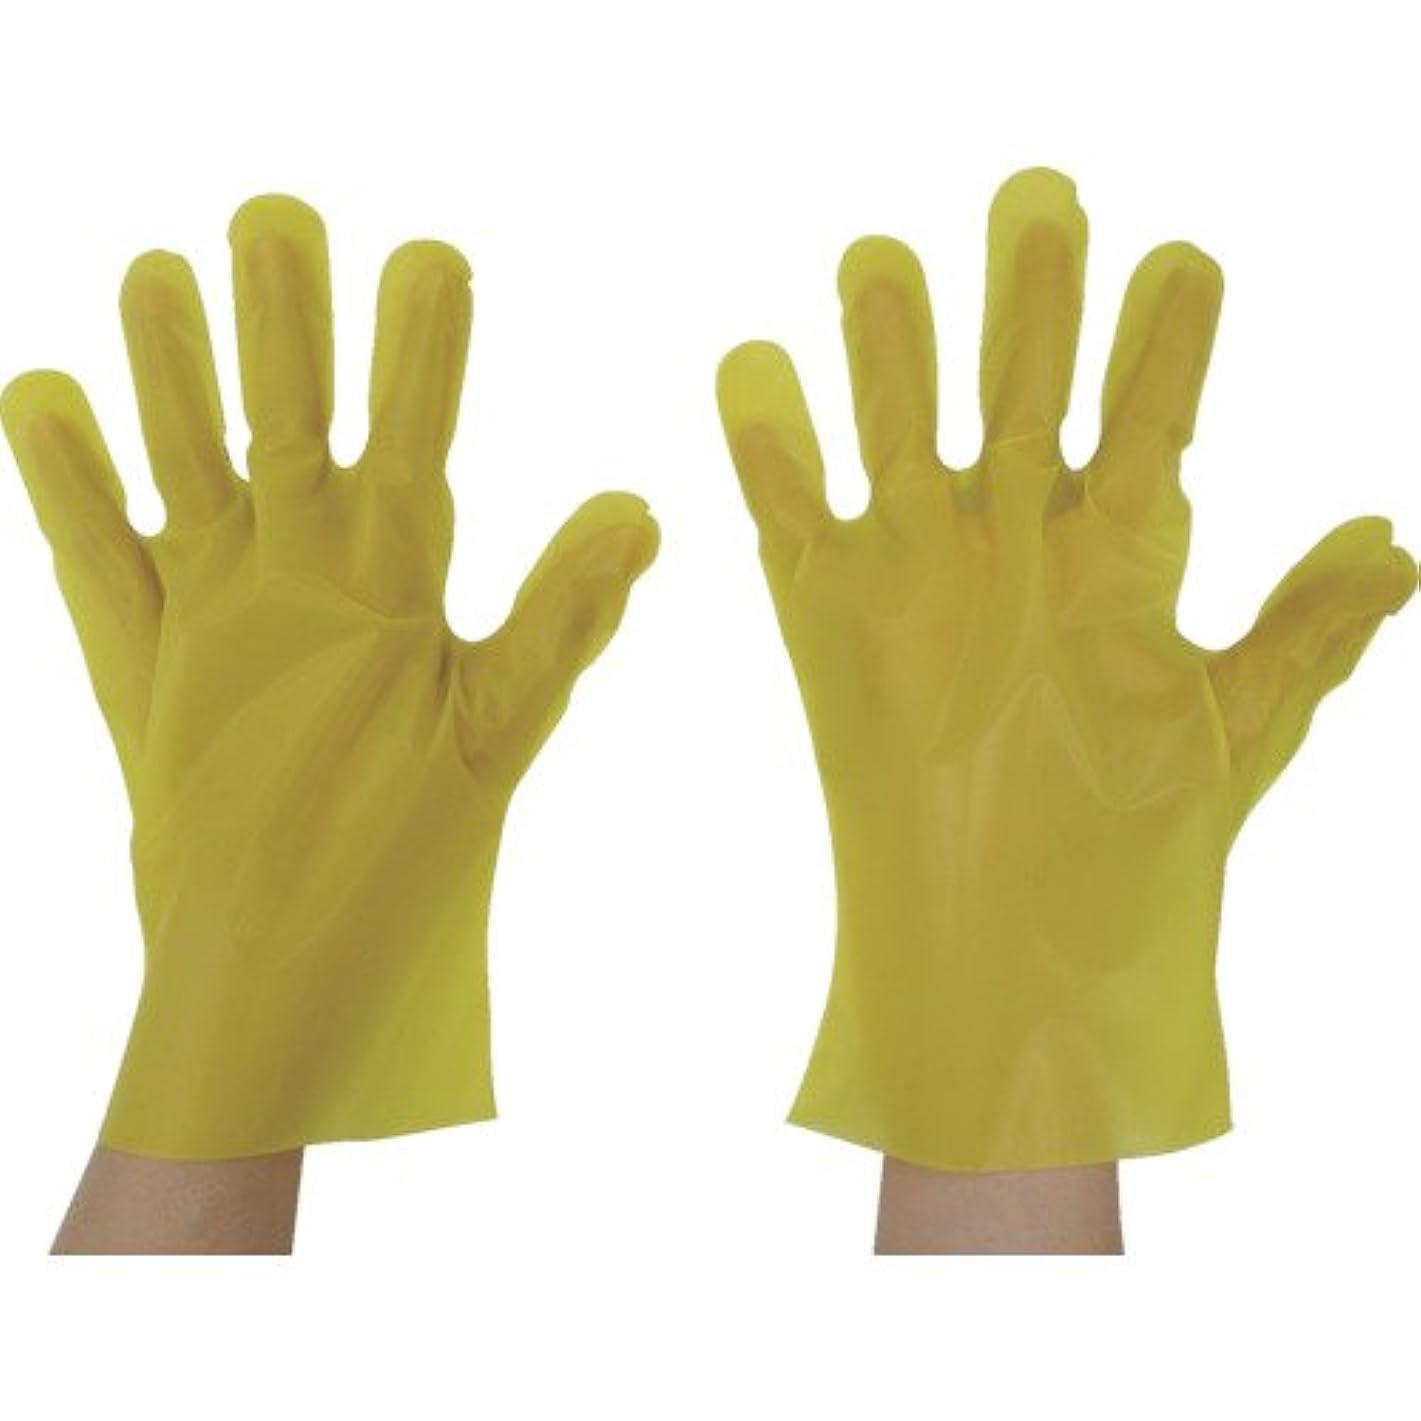 物思いにふけるケイ素悲劇的な東京パック エンボス手袋五本絞りエコノミー化粧箱M イエロー(入数:200枚) YEK-M